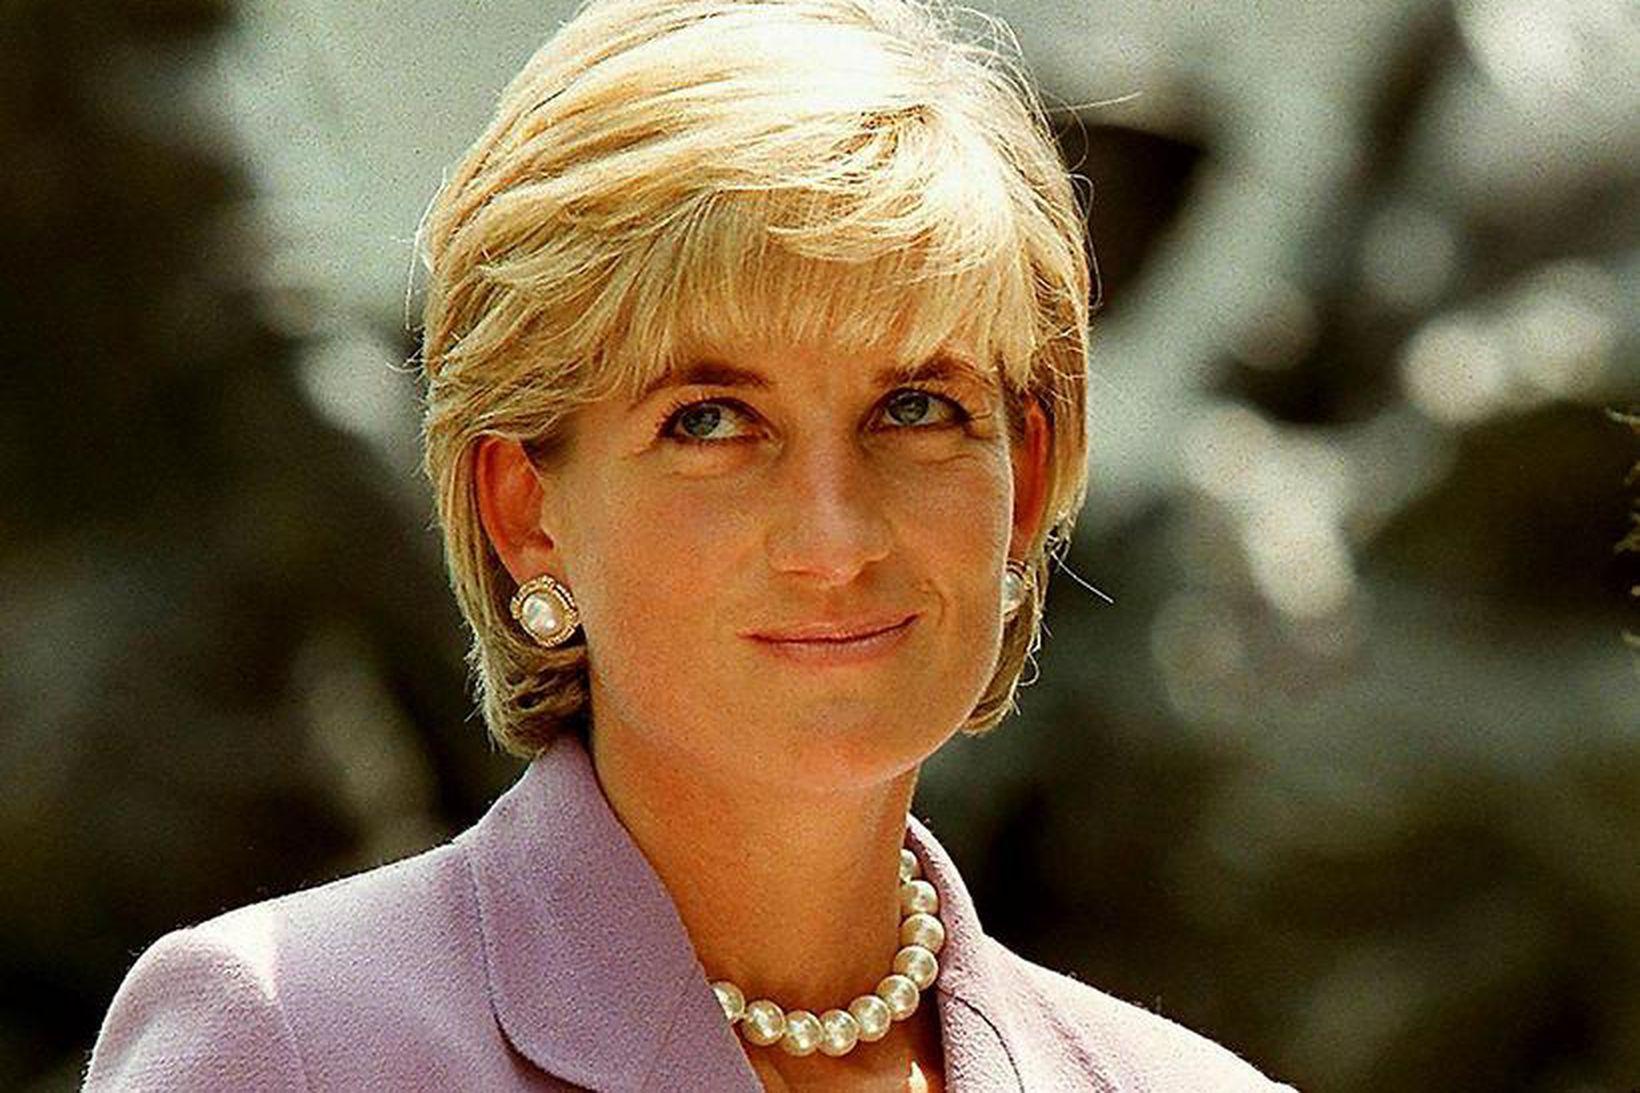 Díana prinsessa 17. júní árið 1997.